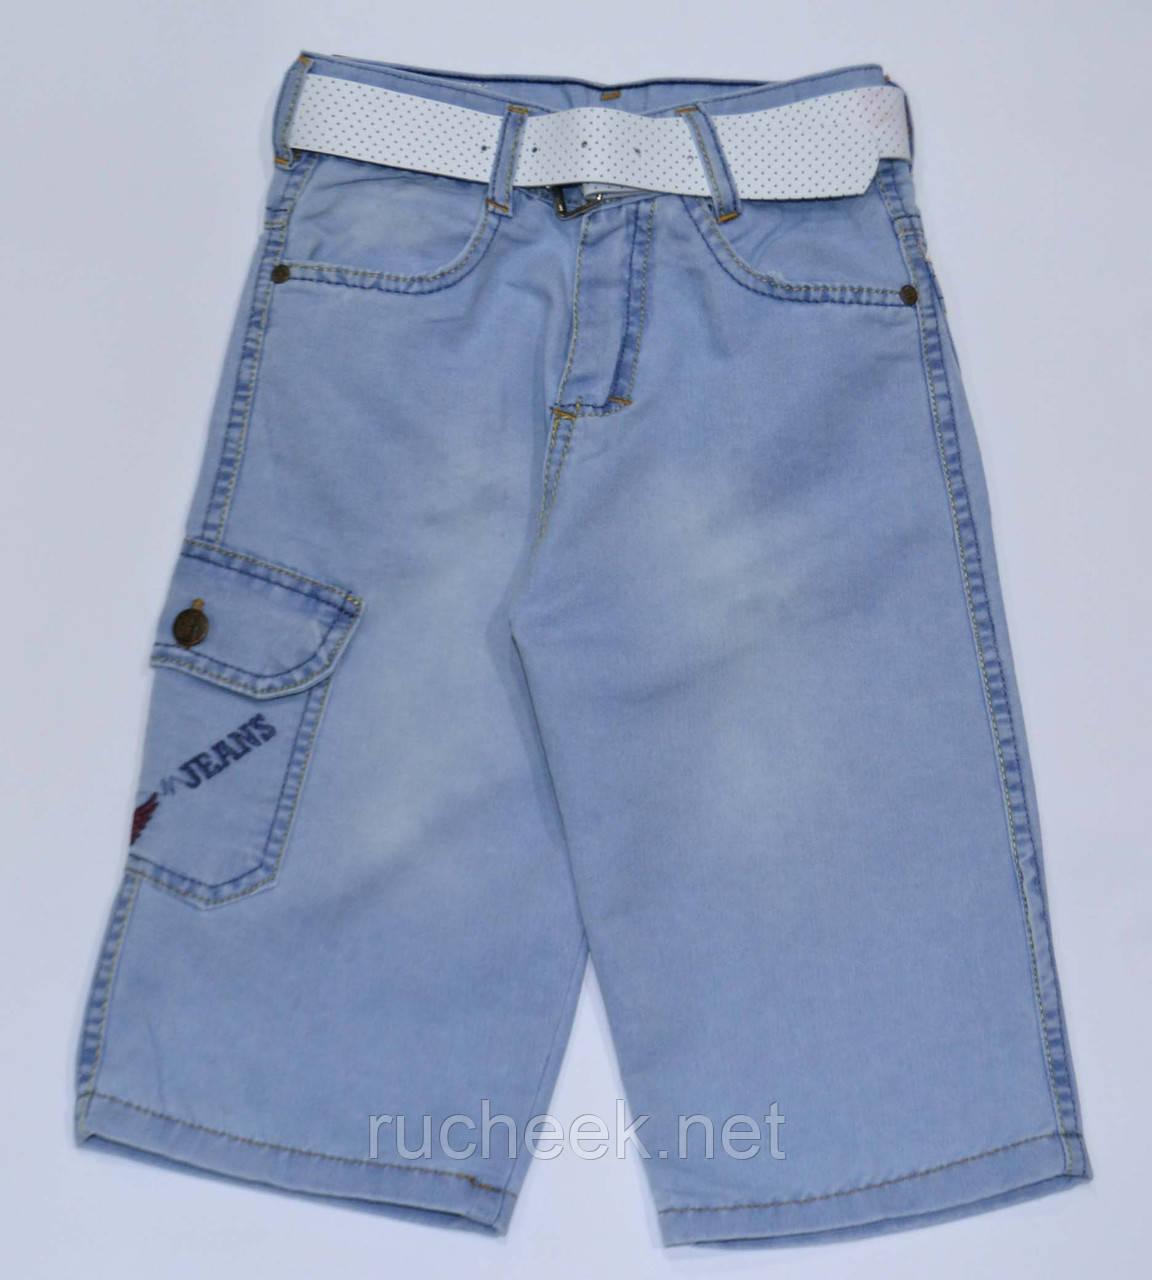 Капри шорты джинсовые на мальчика 9, 10, 11 лет, Турция